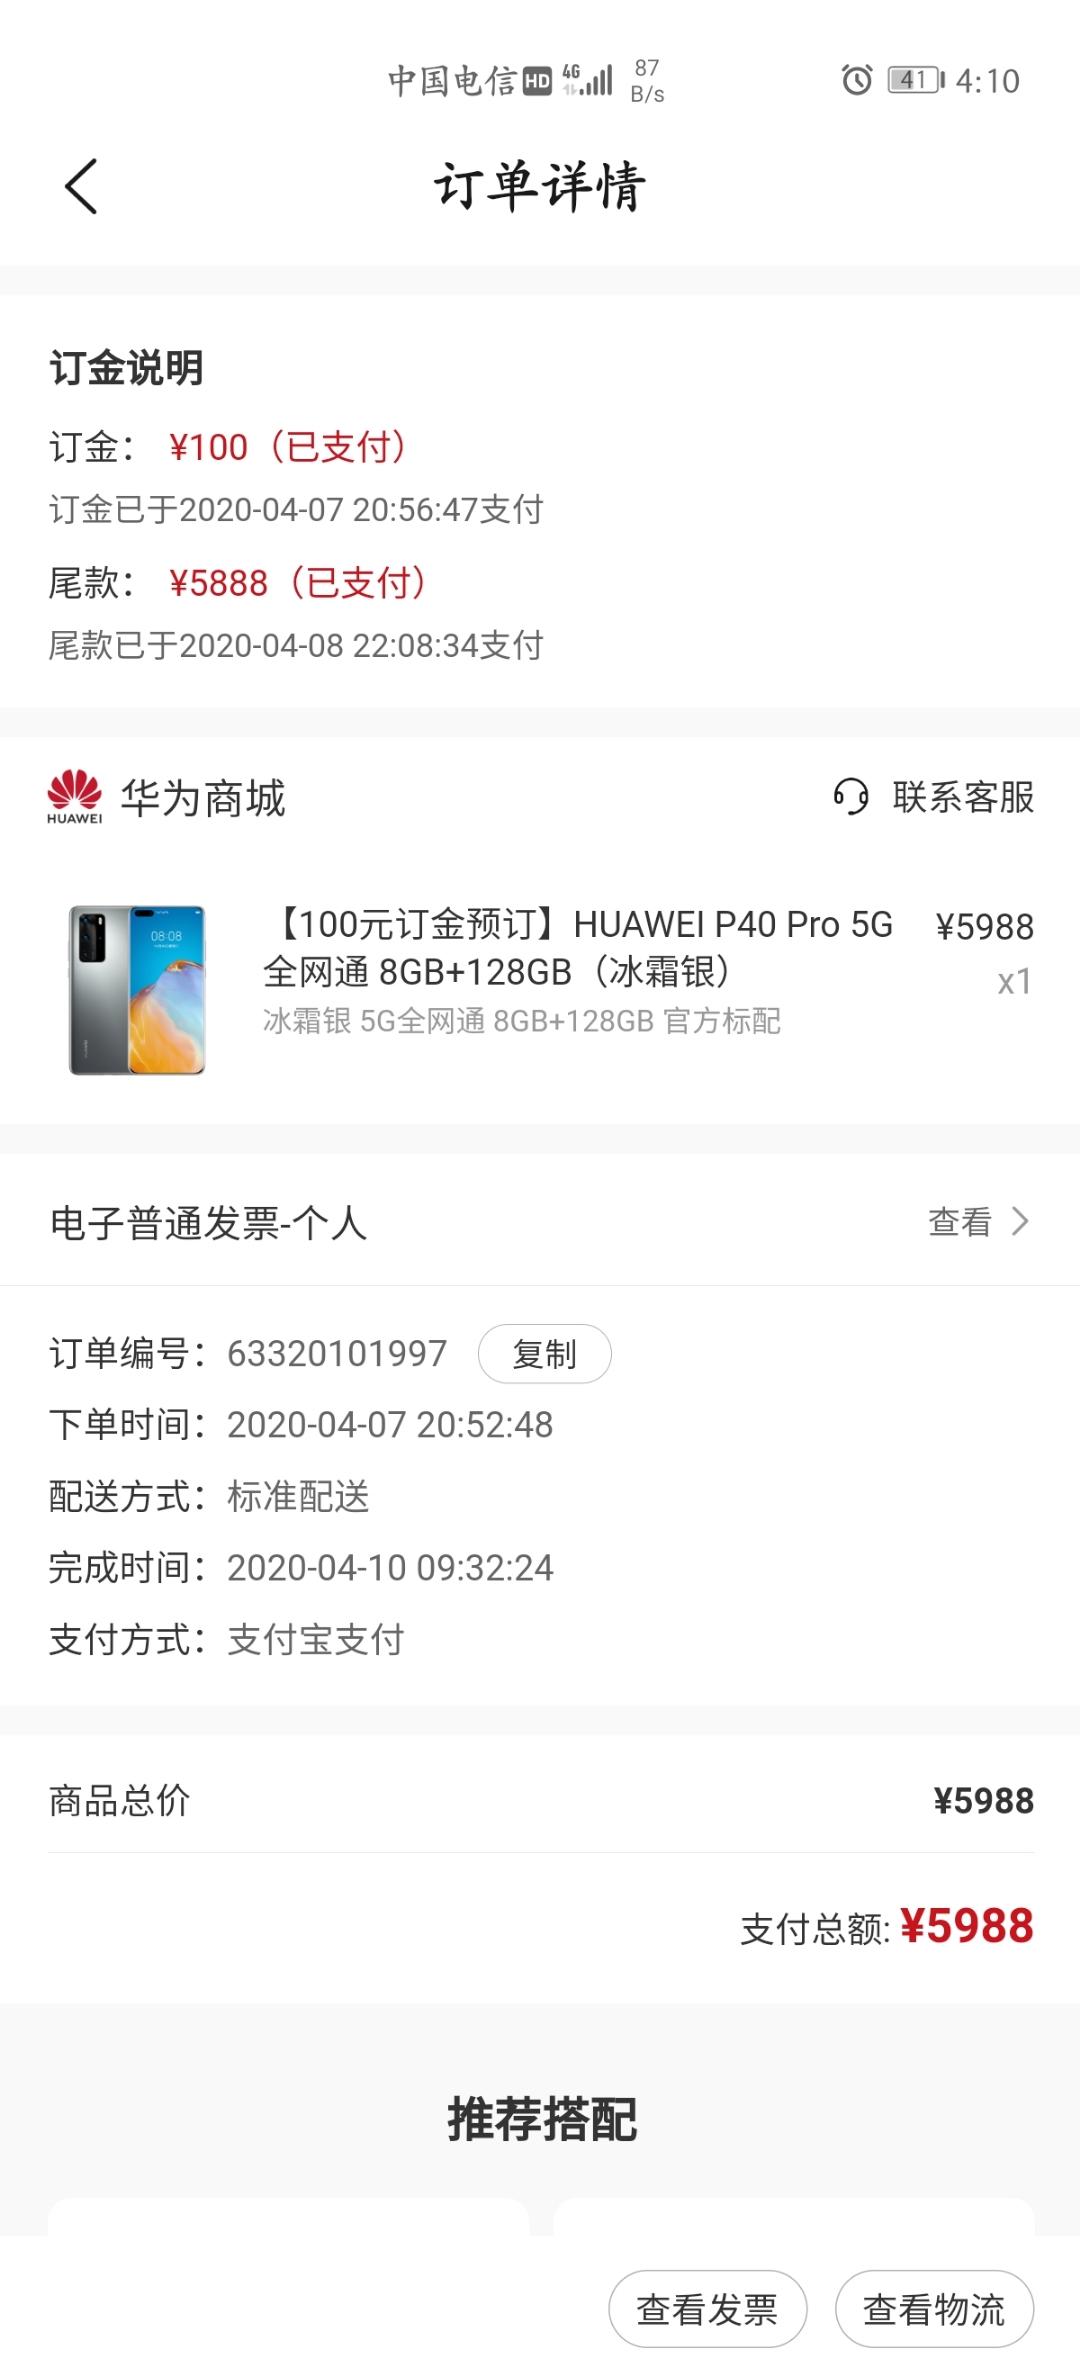 Screenshot_20200510_161025_com.vmall.client.jpg